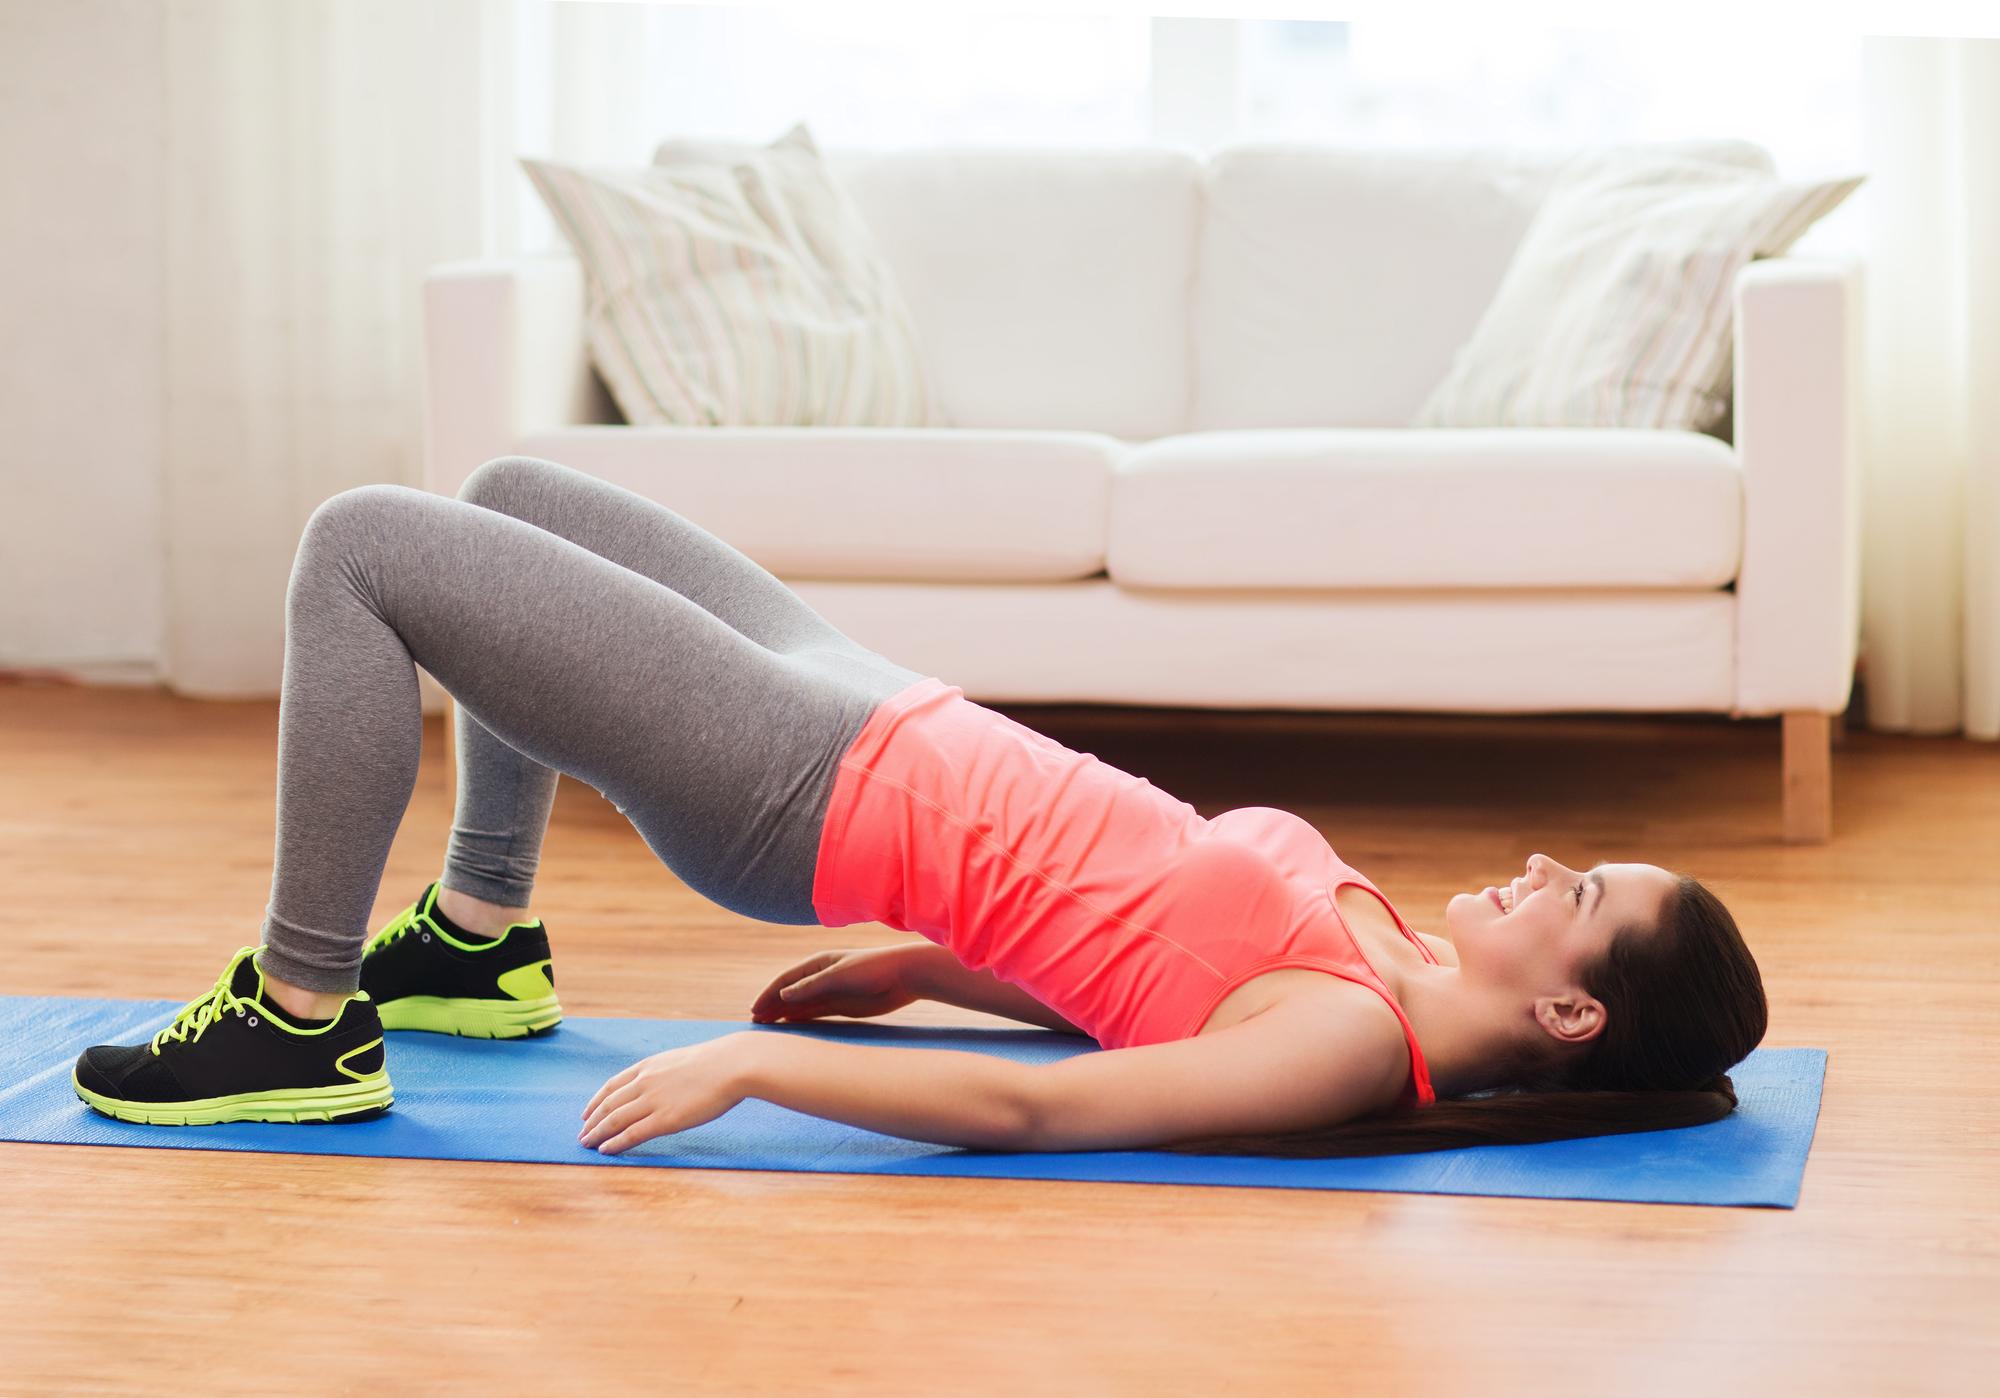 tonificar tus gluteos es facil con estos ejercicios